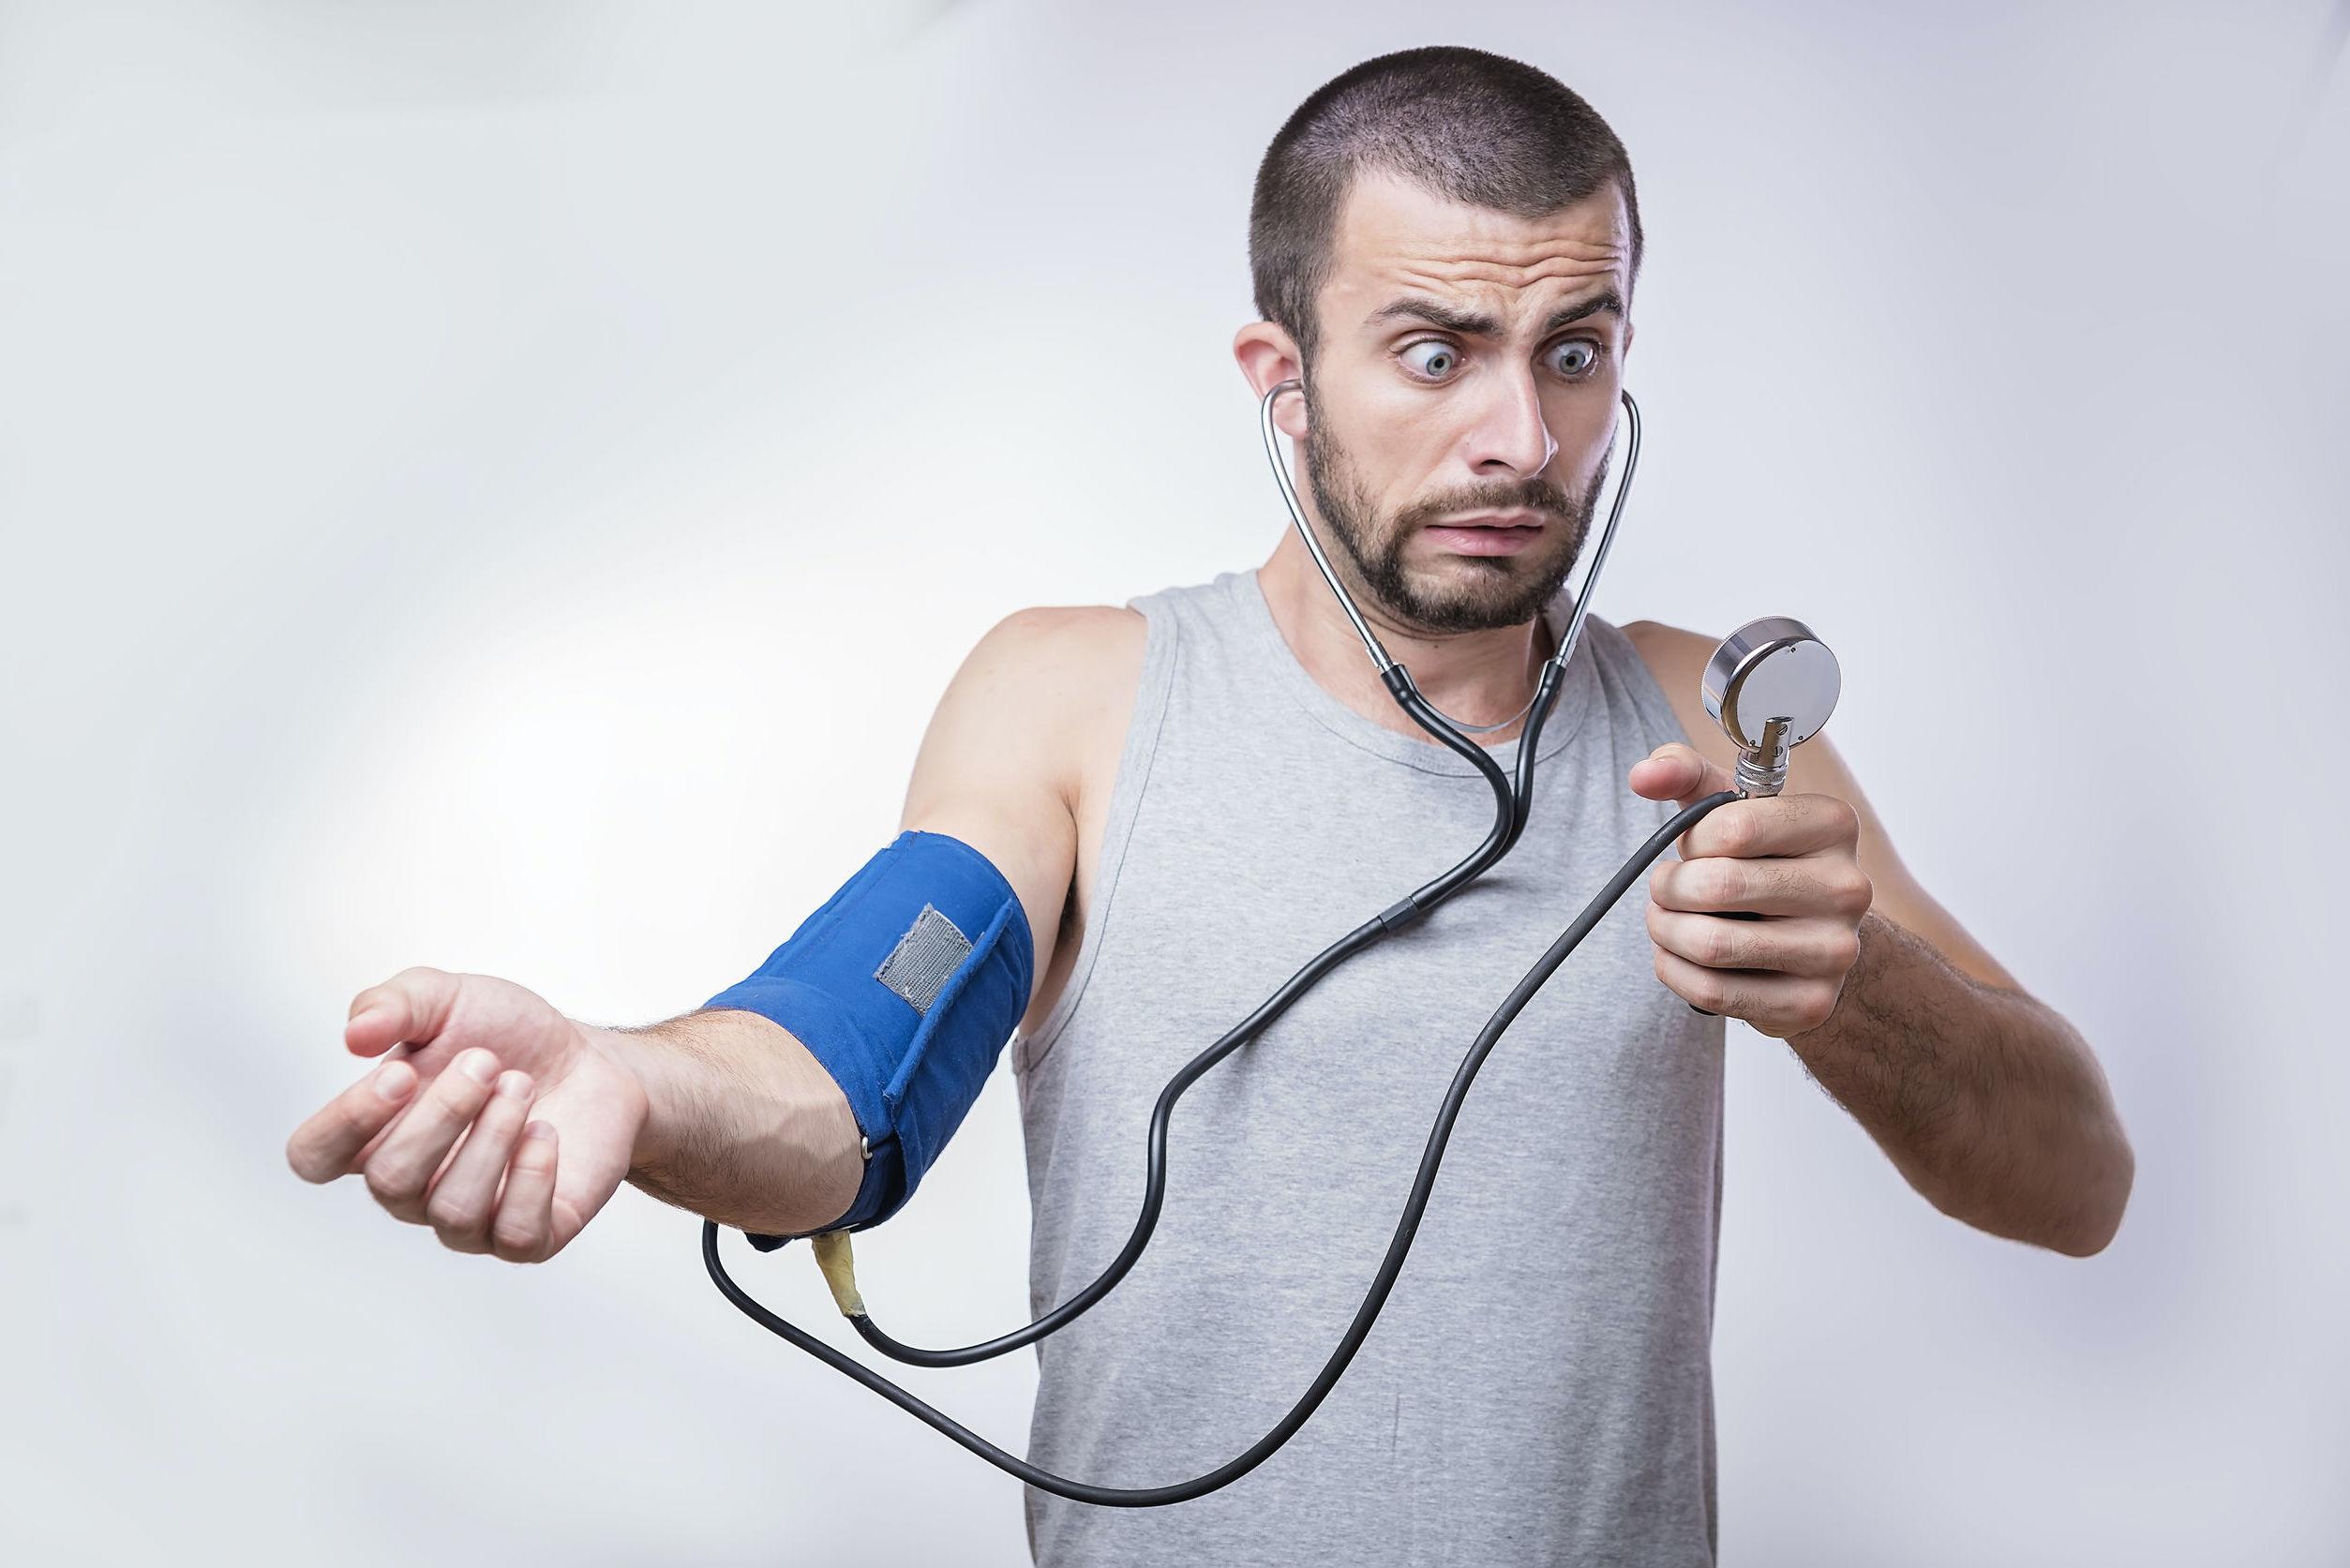 Tüdővizenyő tünetei és kezelése